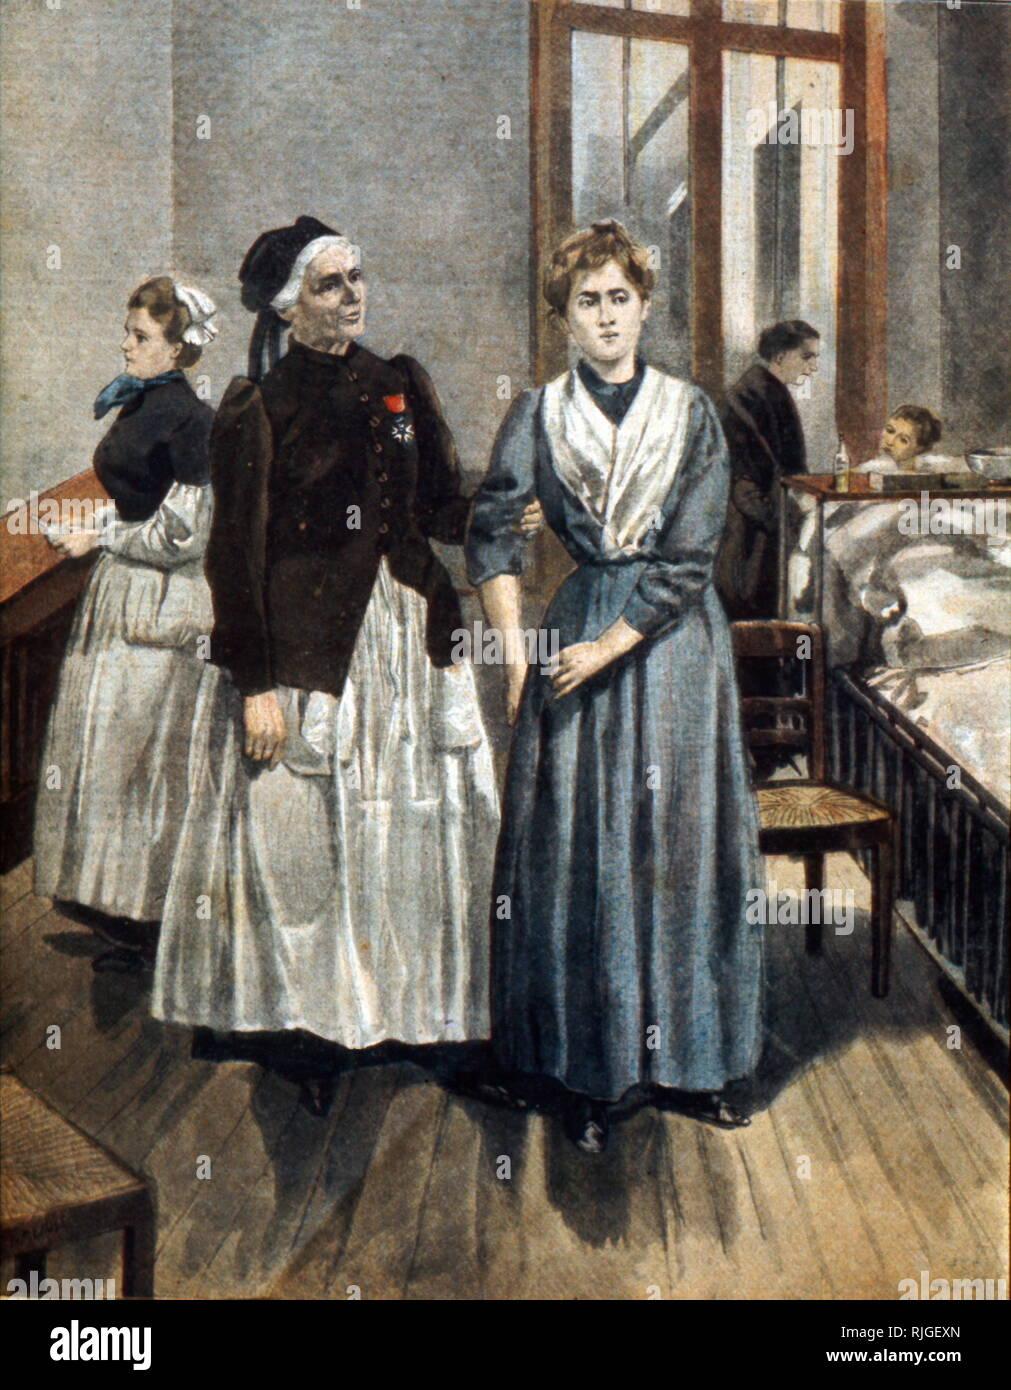 Krankenschwester Marguerite Bottard (1822-1906) (wer mit Jean-Martin Charcot), an der Psychiatrischen Klinik in Paris 1841 Stockbild